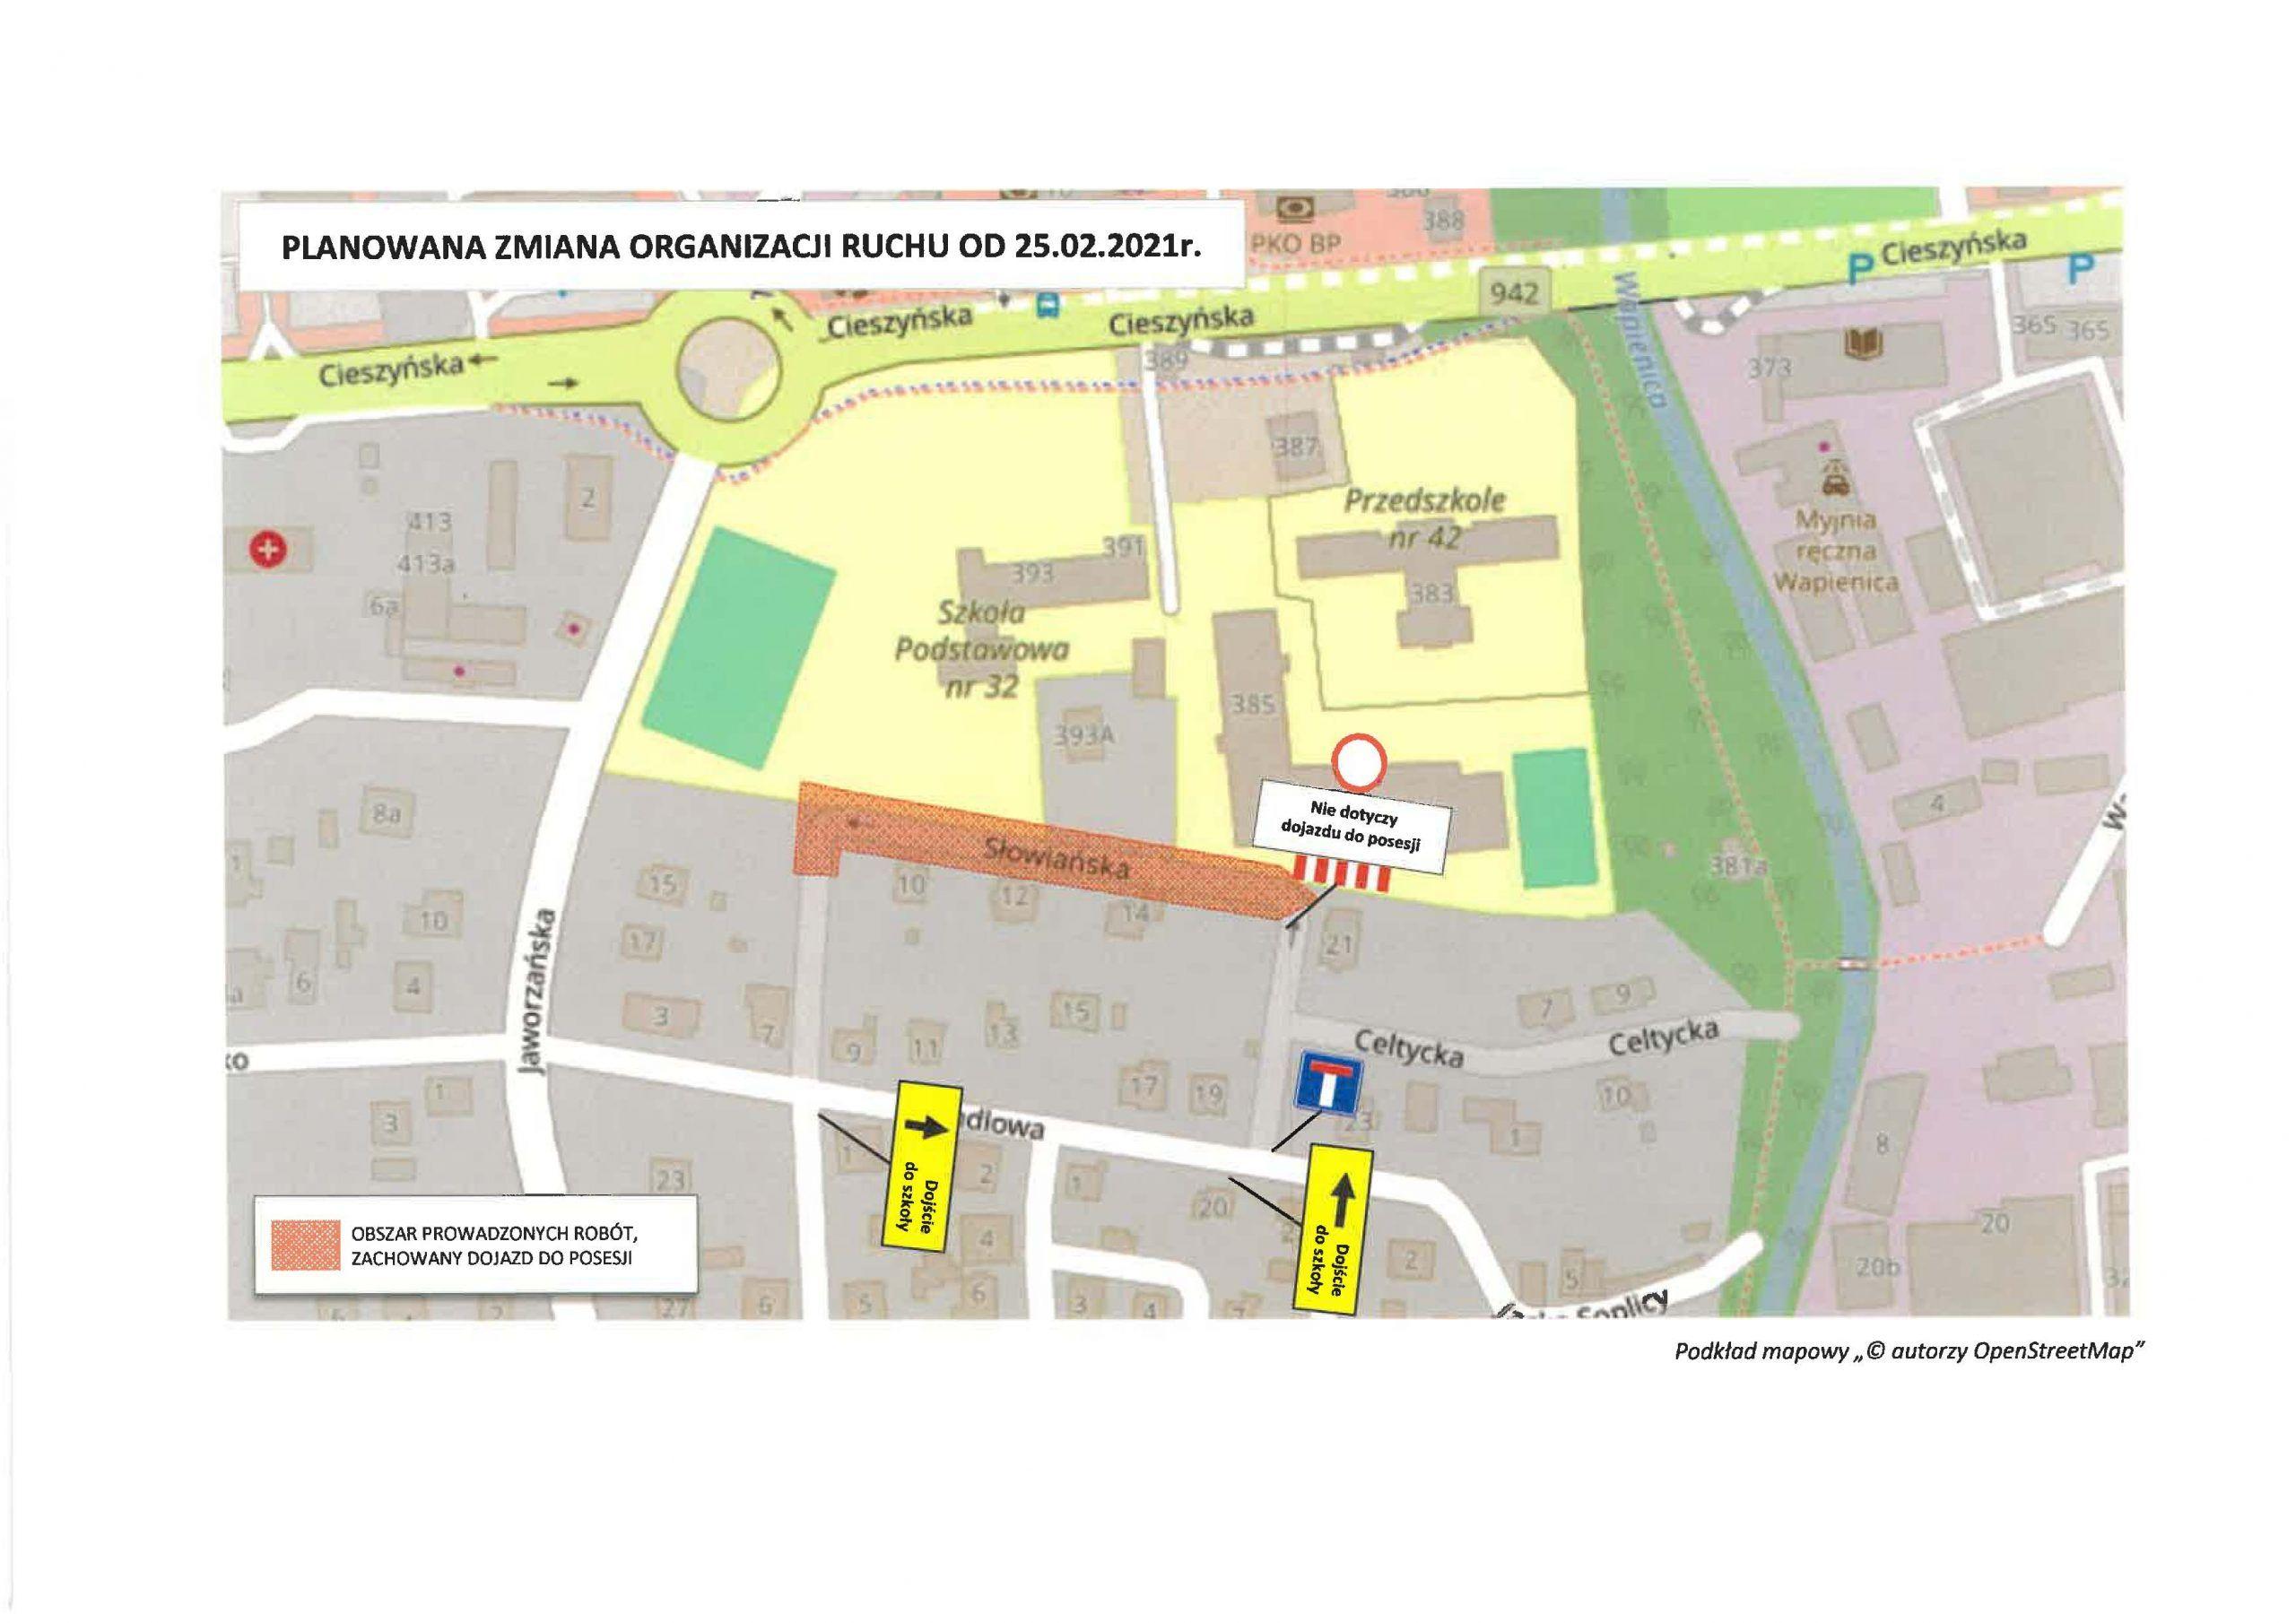 Zmiana organizacji ruchu w Bielsku-Białej